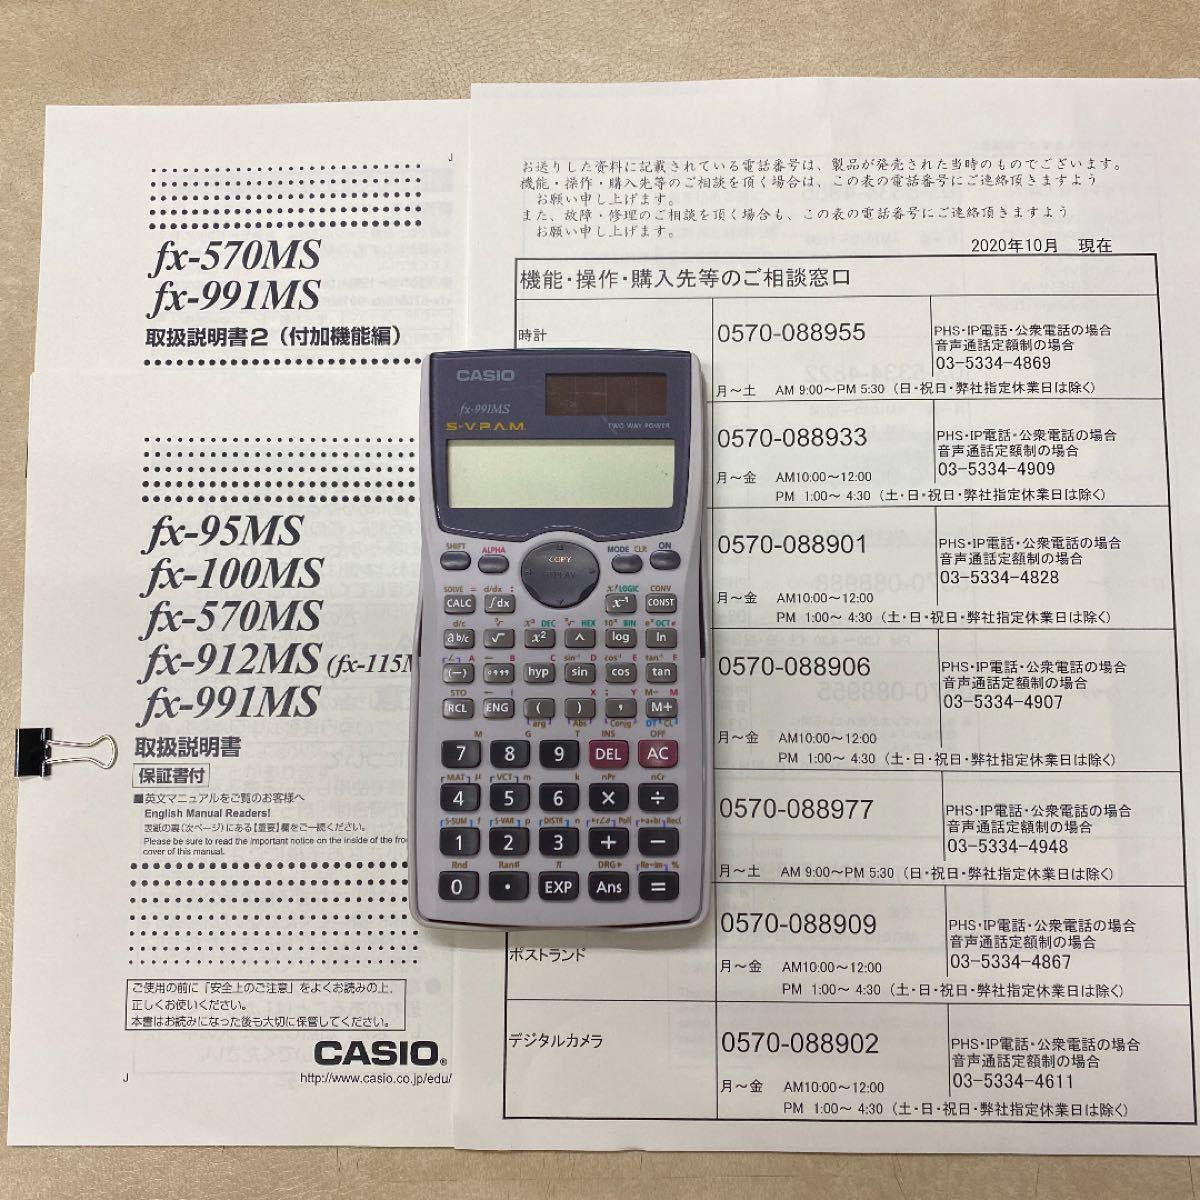 CASIO S‐Vパム 関数電卓 FX-991MS